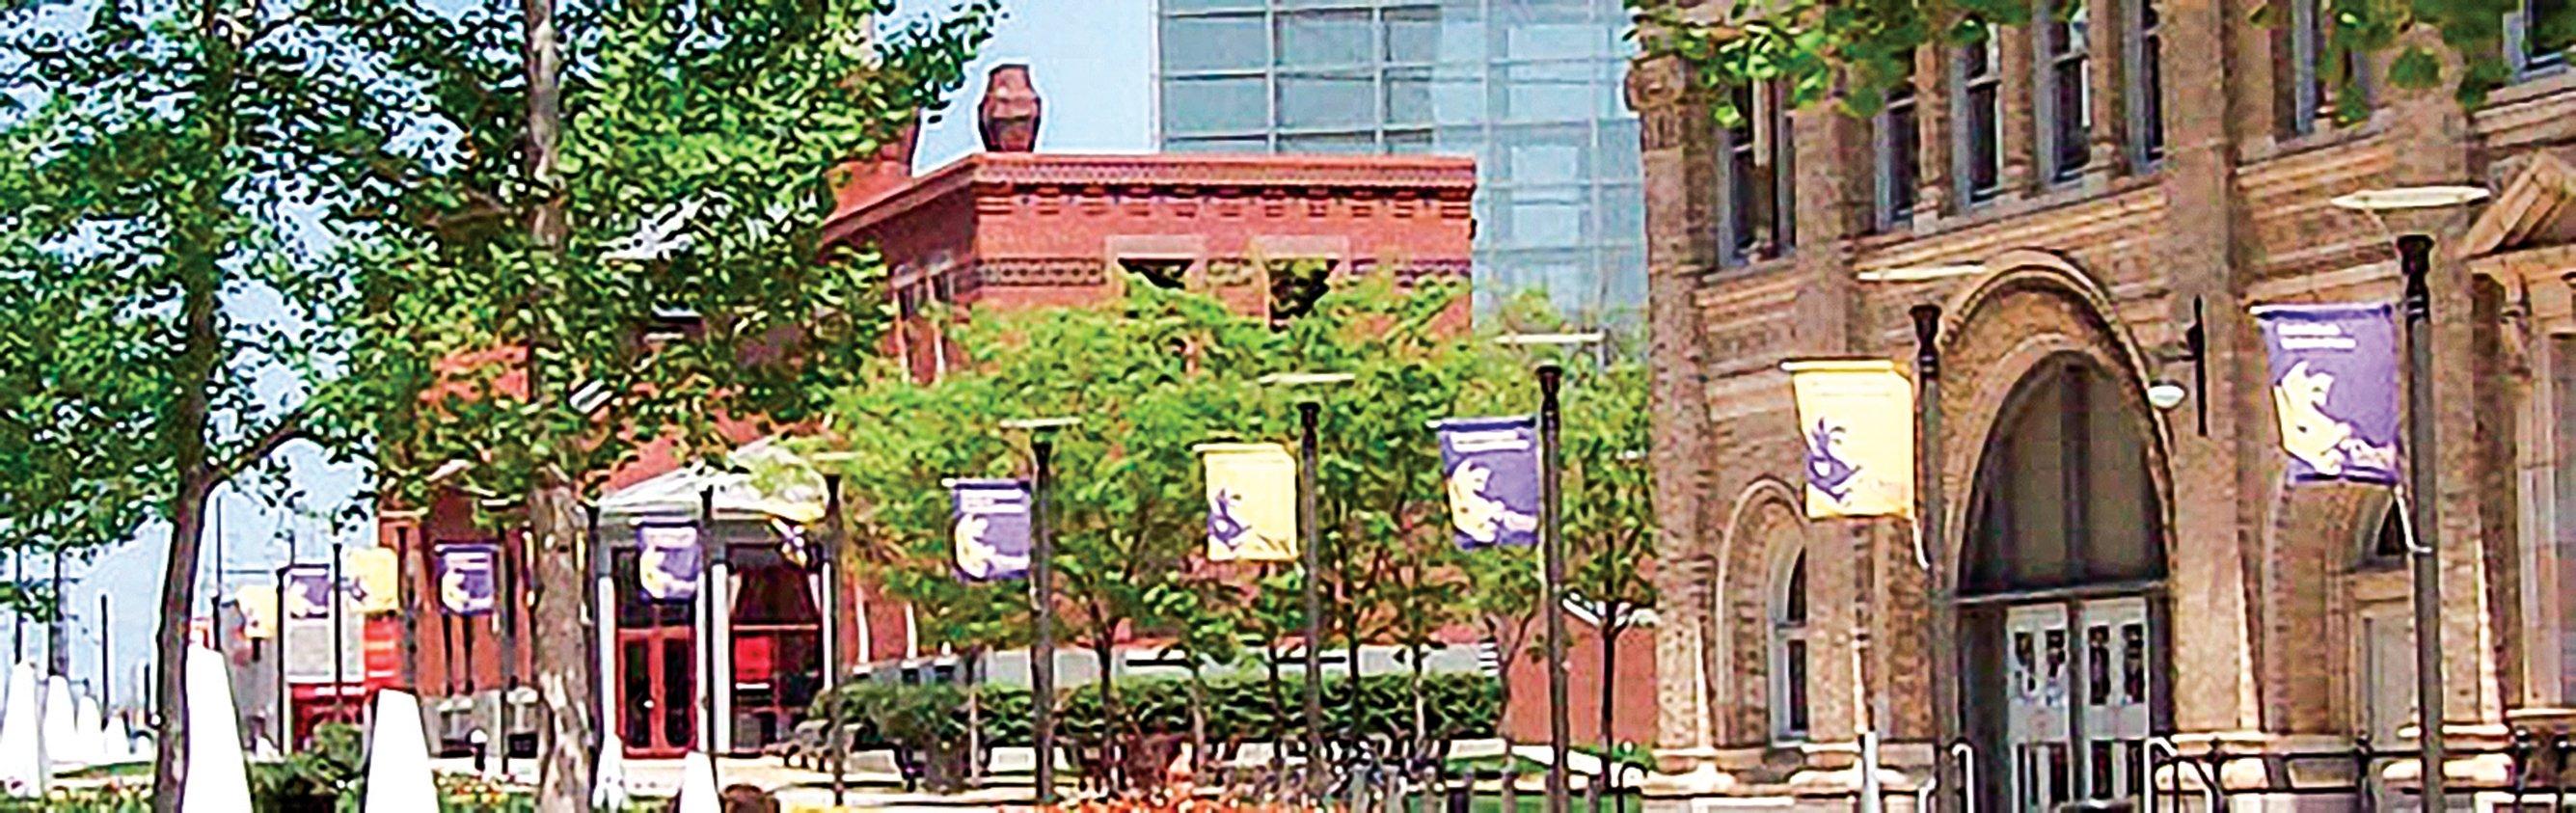 爵碩大學是江綿恆鍍金之地,與中國的多所院校有合作關係。圖為爵碩大學校舍。(爵碩大學網站圖片)